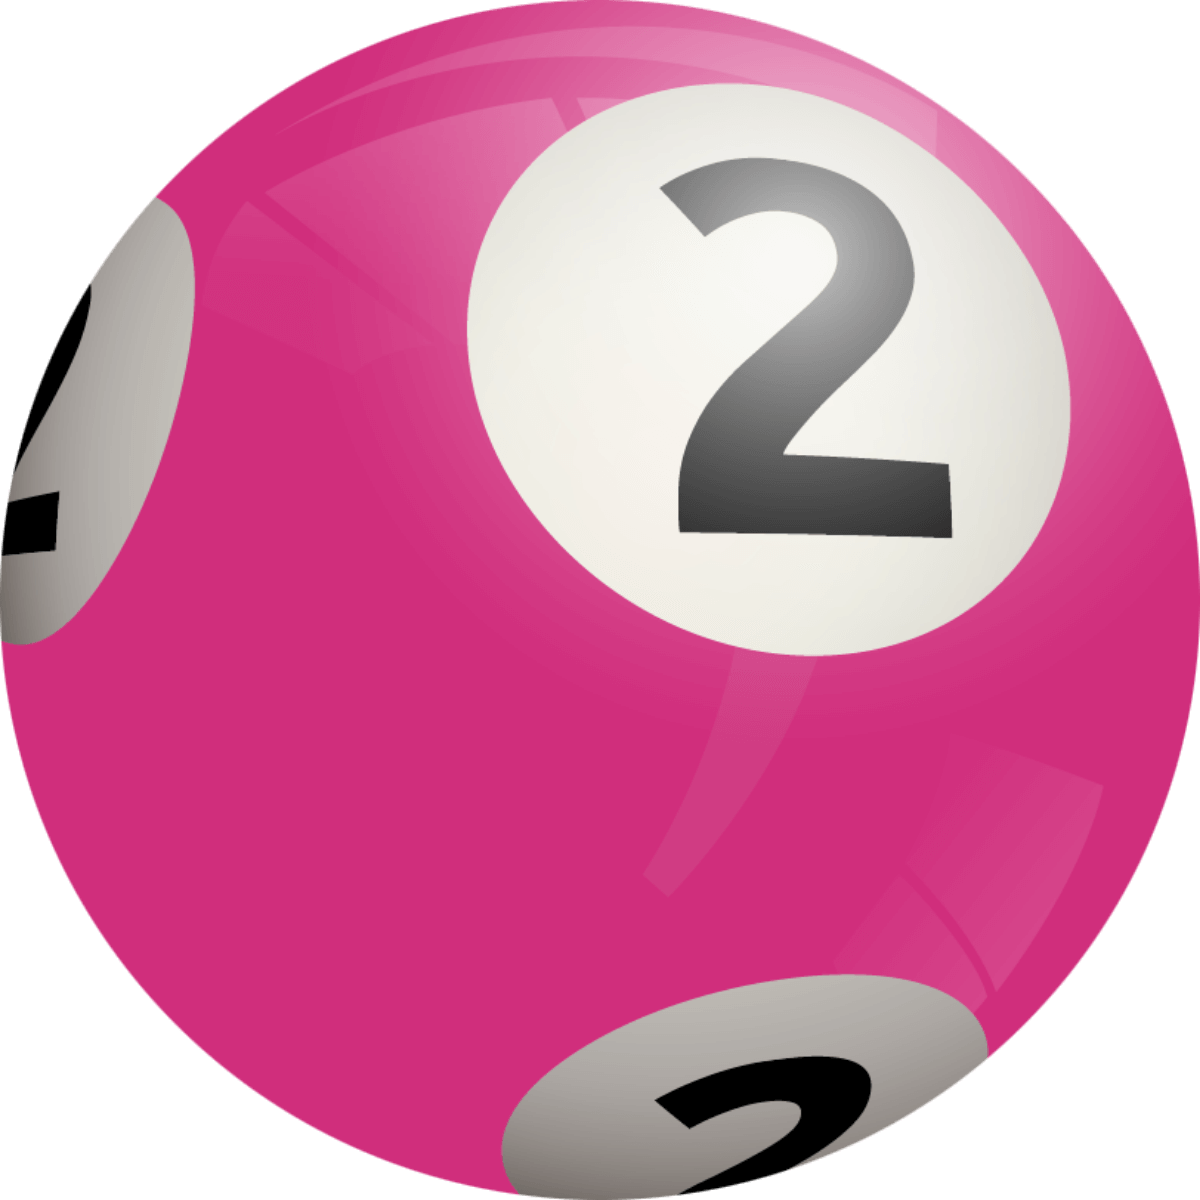 Bingo ball 5